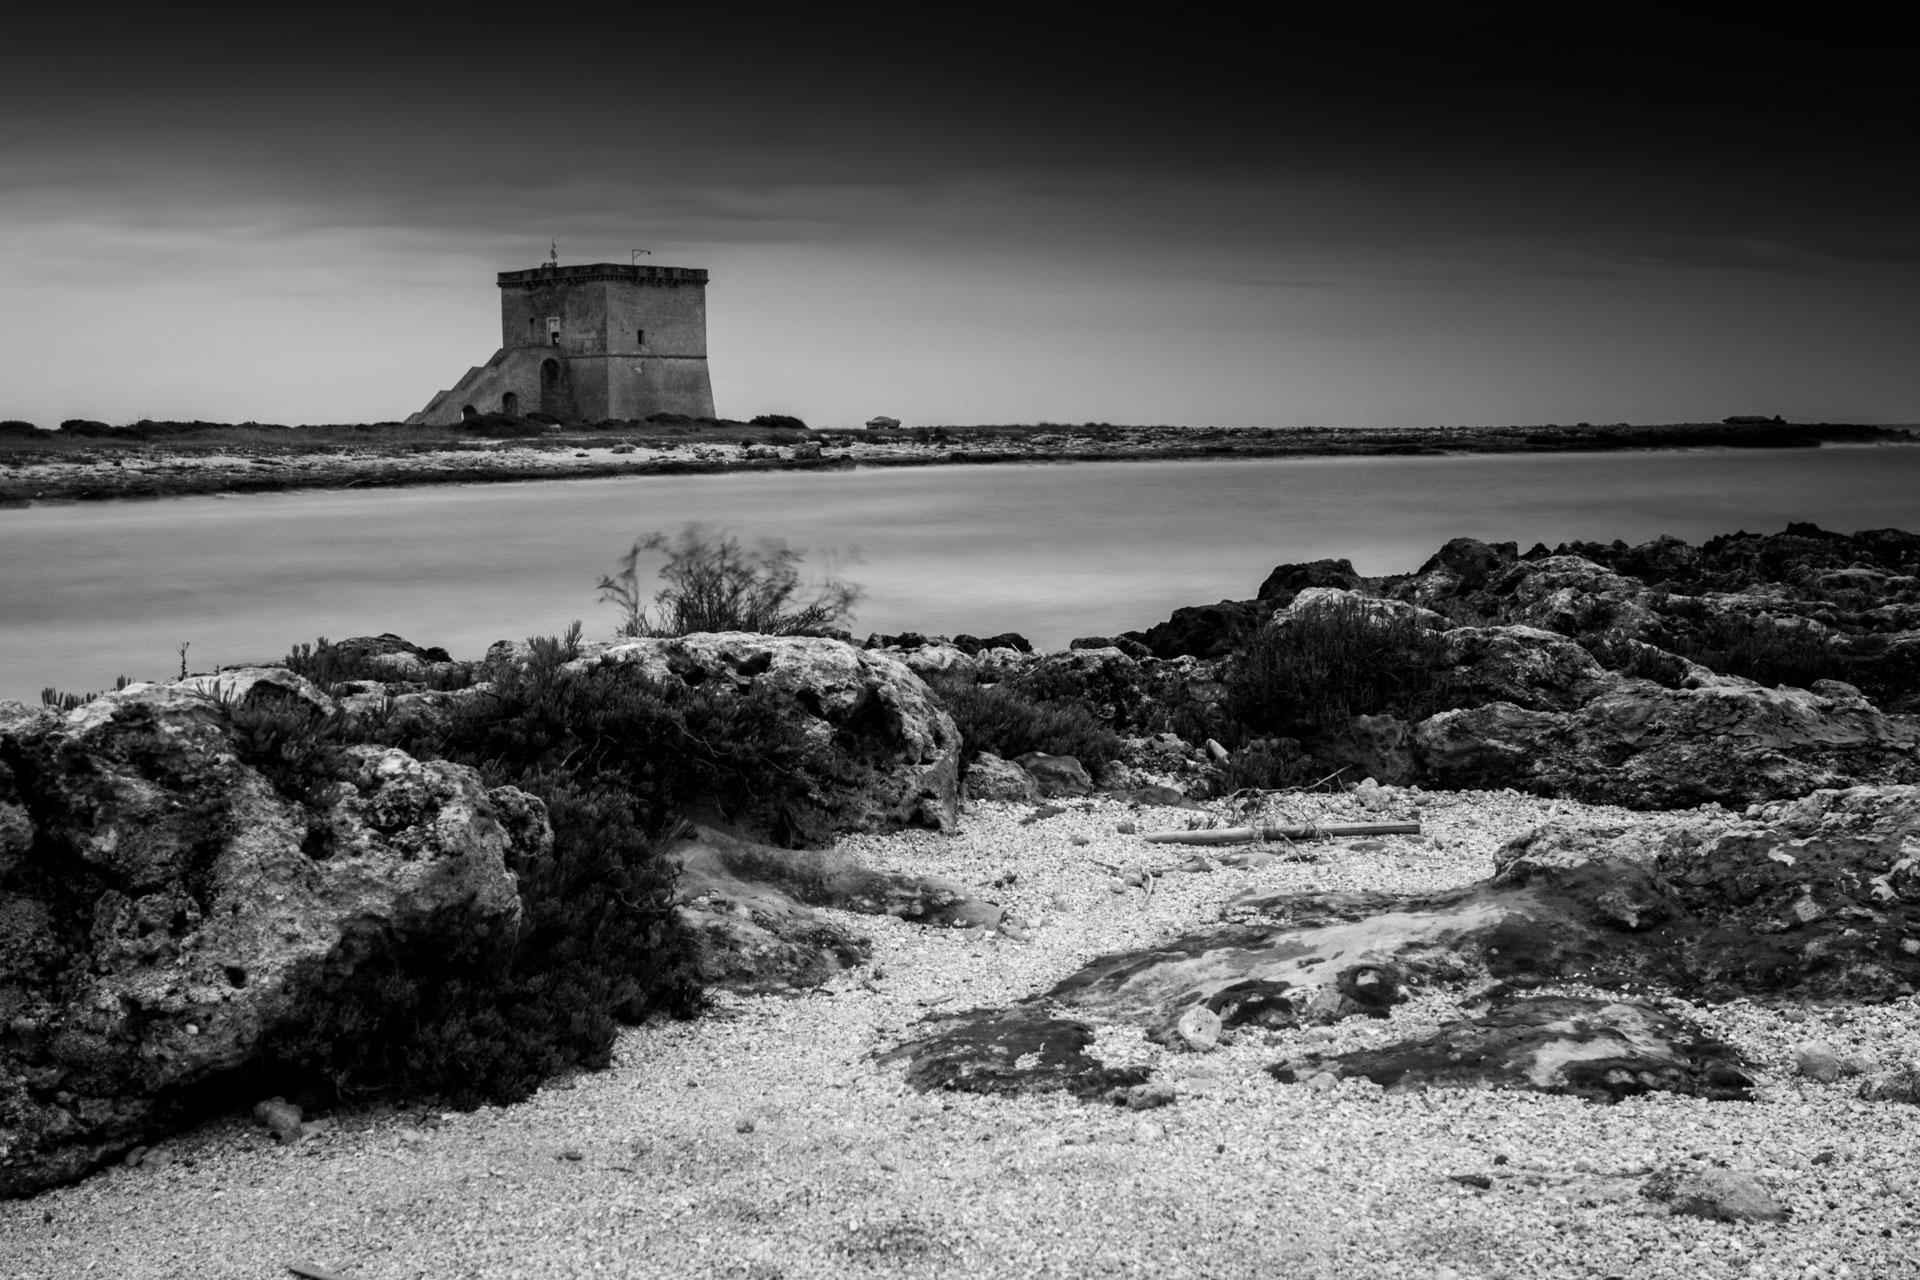 La torre costiera a Torre Lapillo a guardia della sua terra dalle incursioni del mare